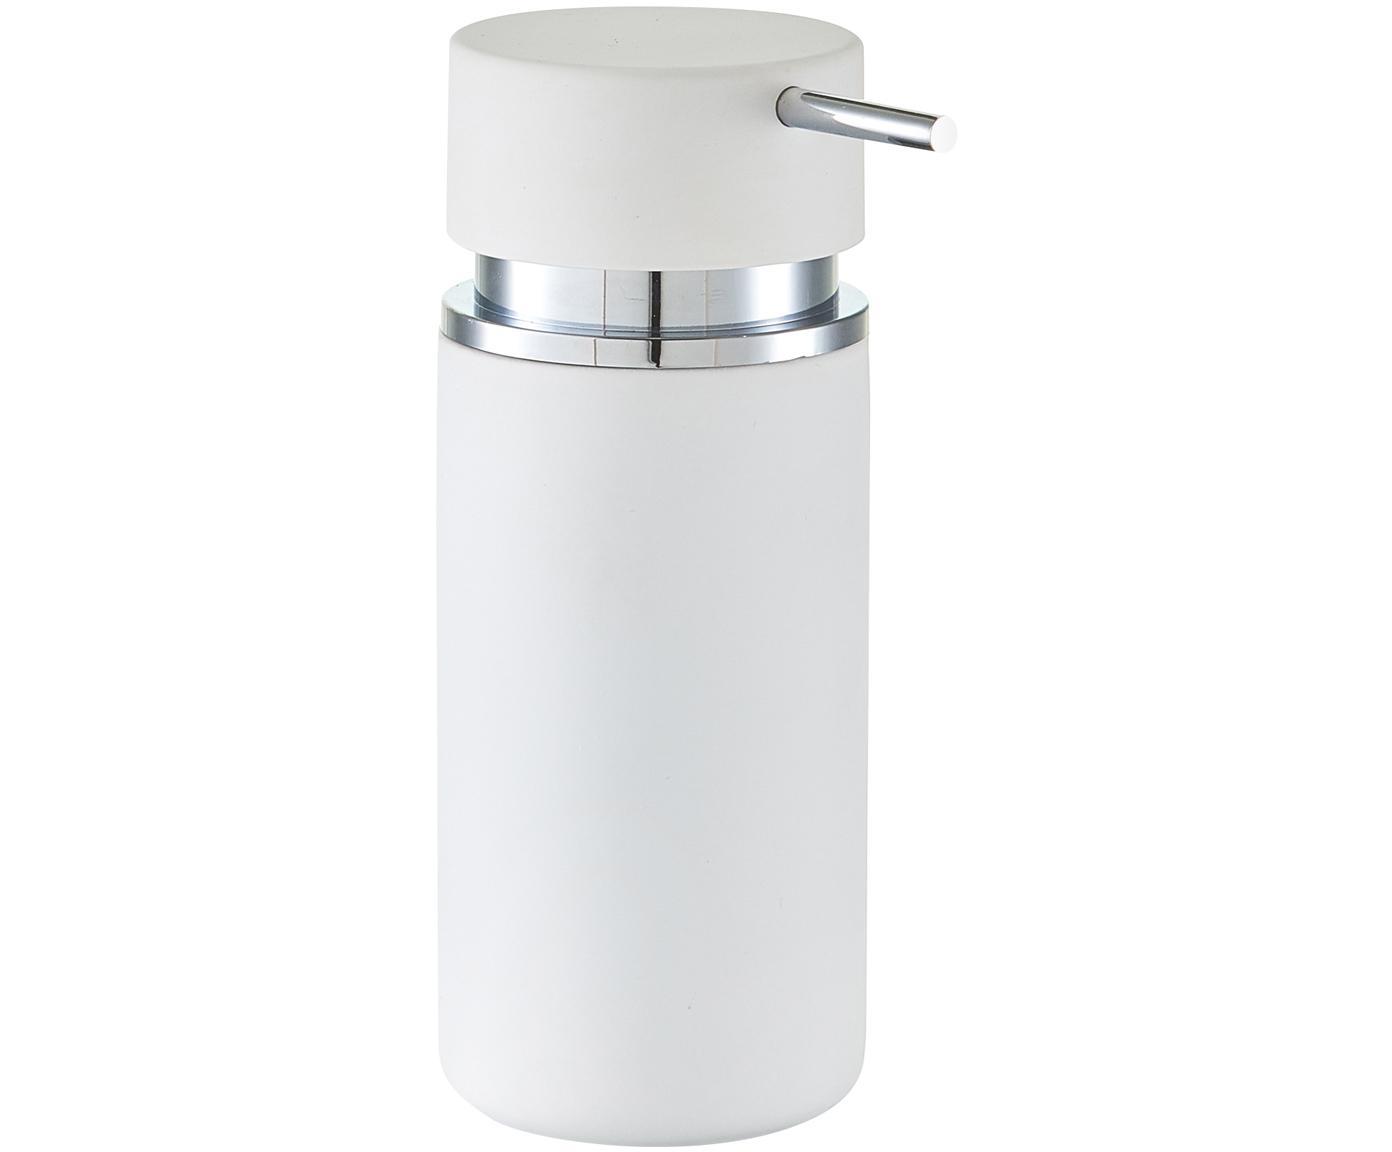 Dozownik do mydła Mateo, Biały, srebrny, Ø 7 x 17 cm